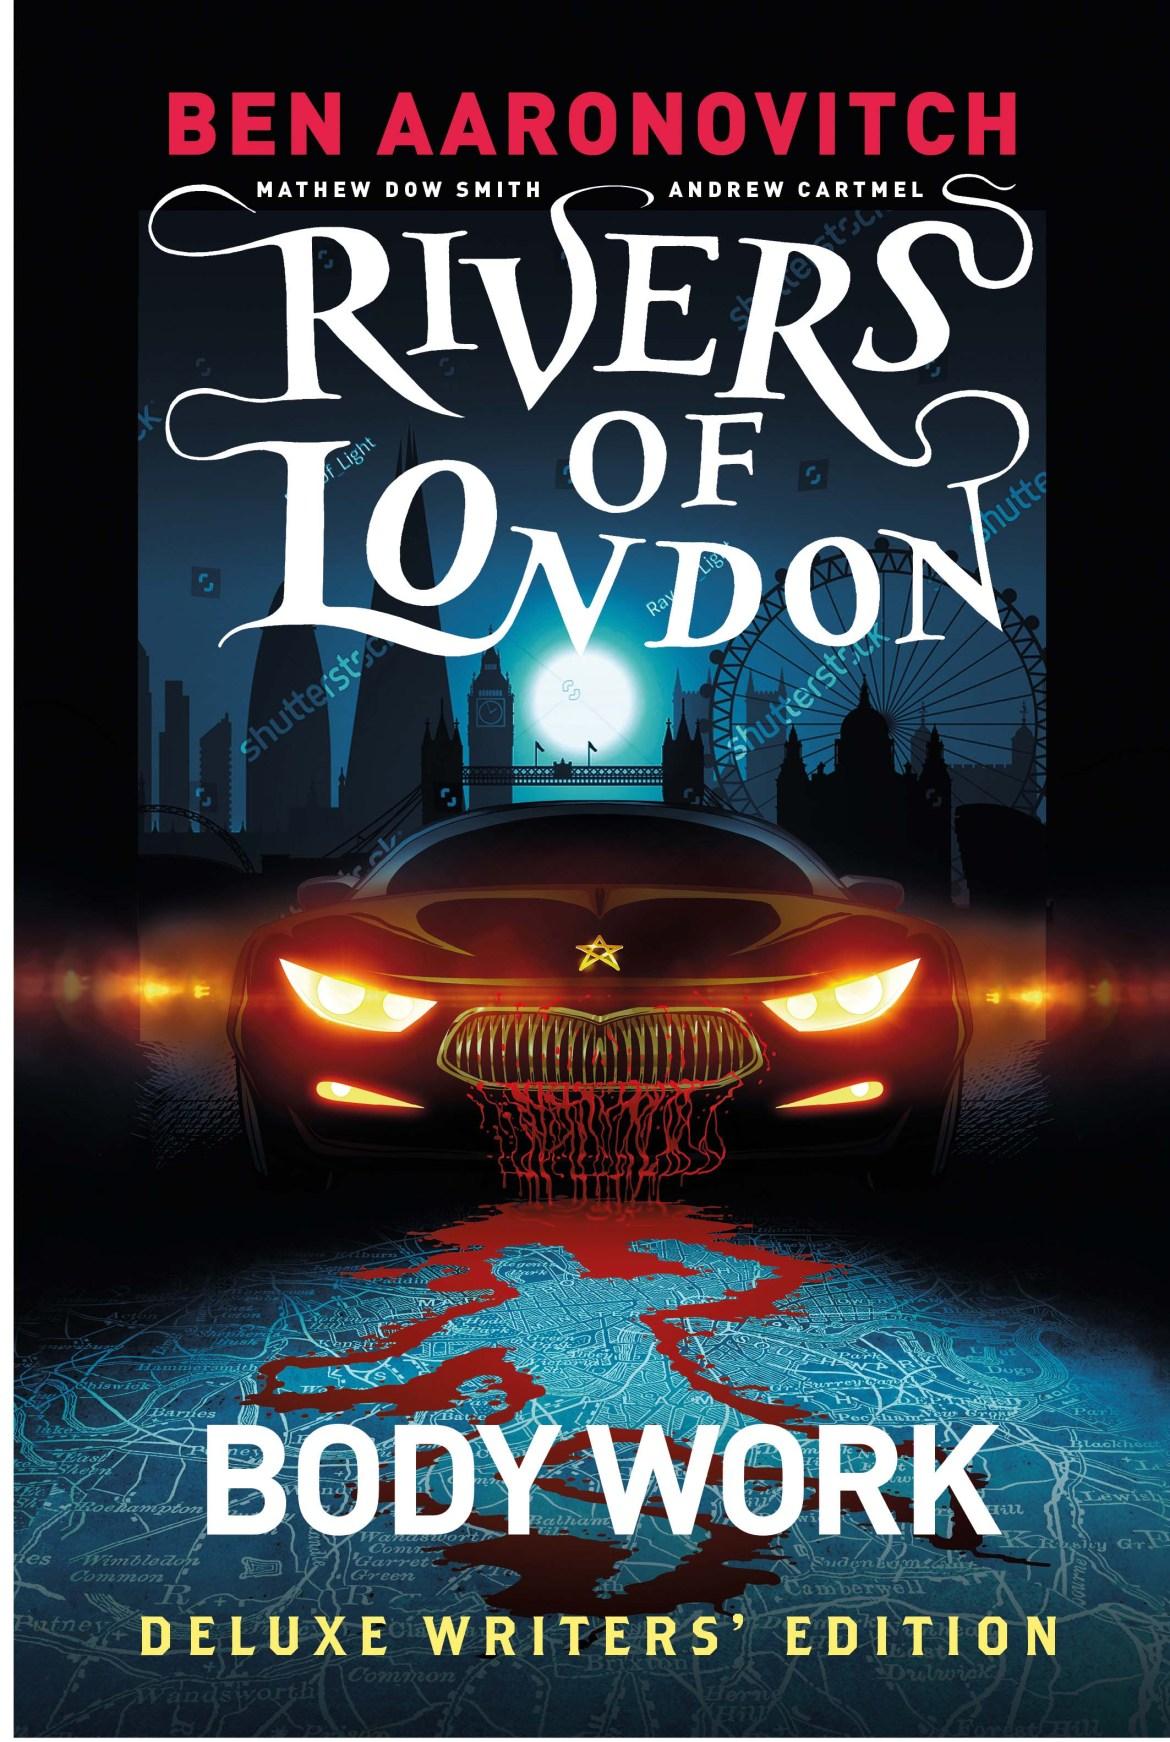 RiversOL_Bodyworks_Cover Titan Comics March 2021 Solicitations